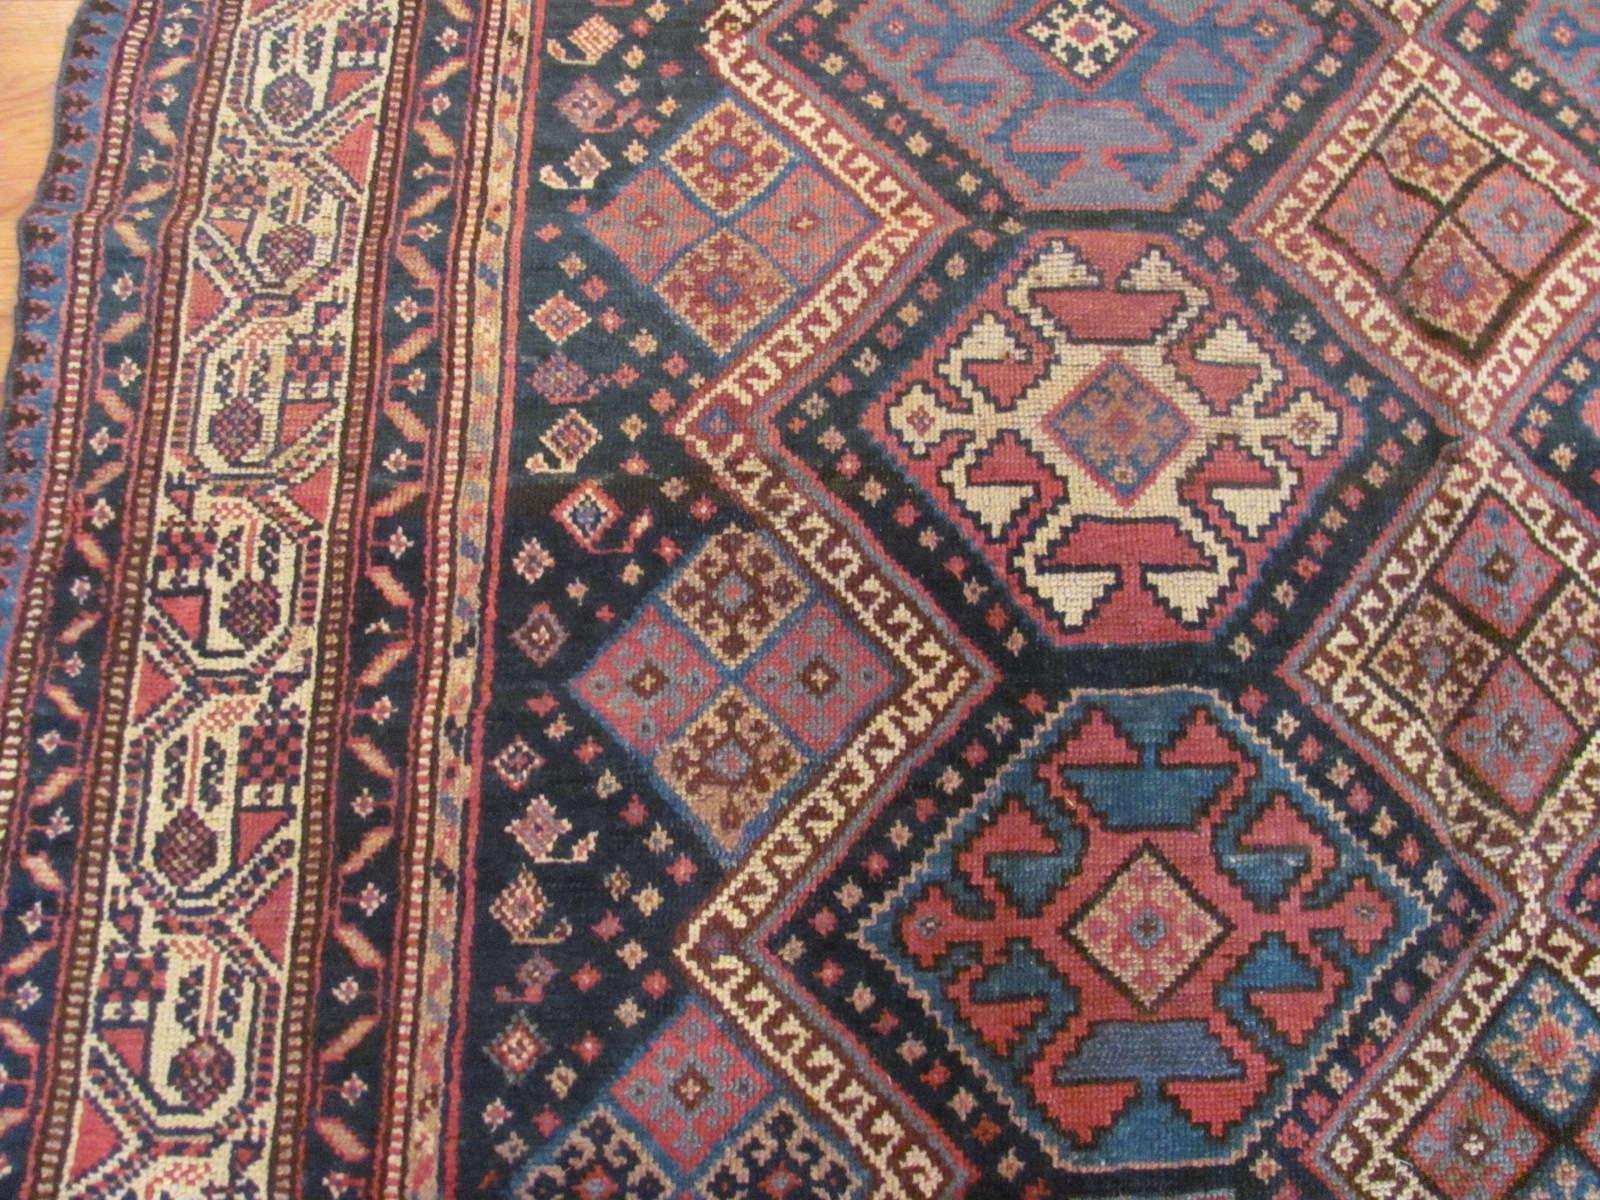 24445 antique persian luri rug 5,11x10,1 -2